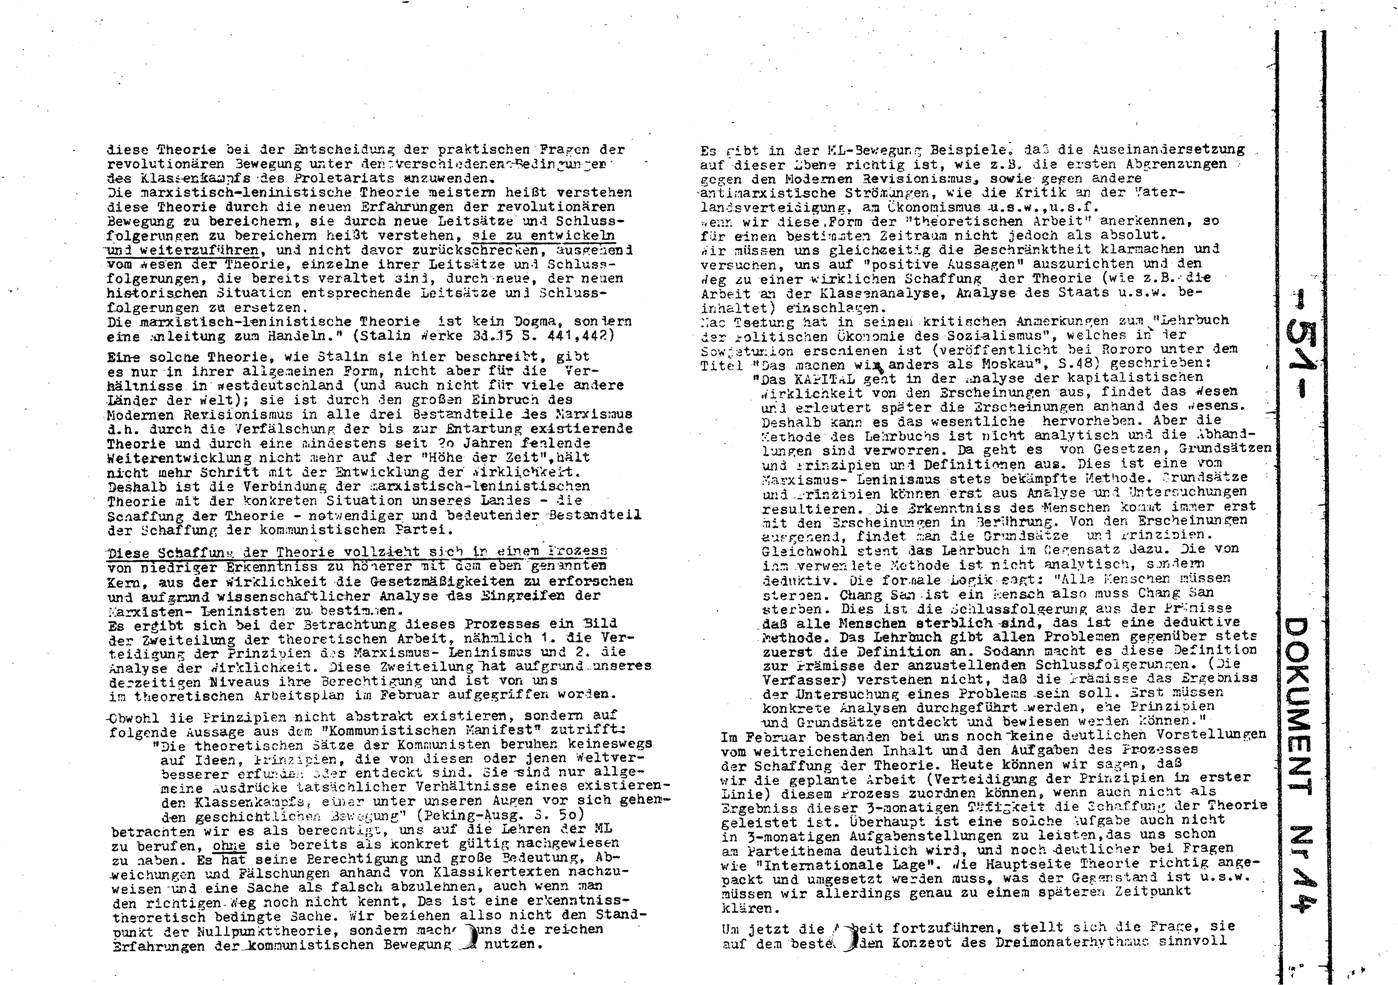 KABRW_Arbeitshefte_1977_24_051